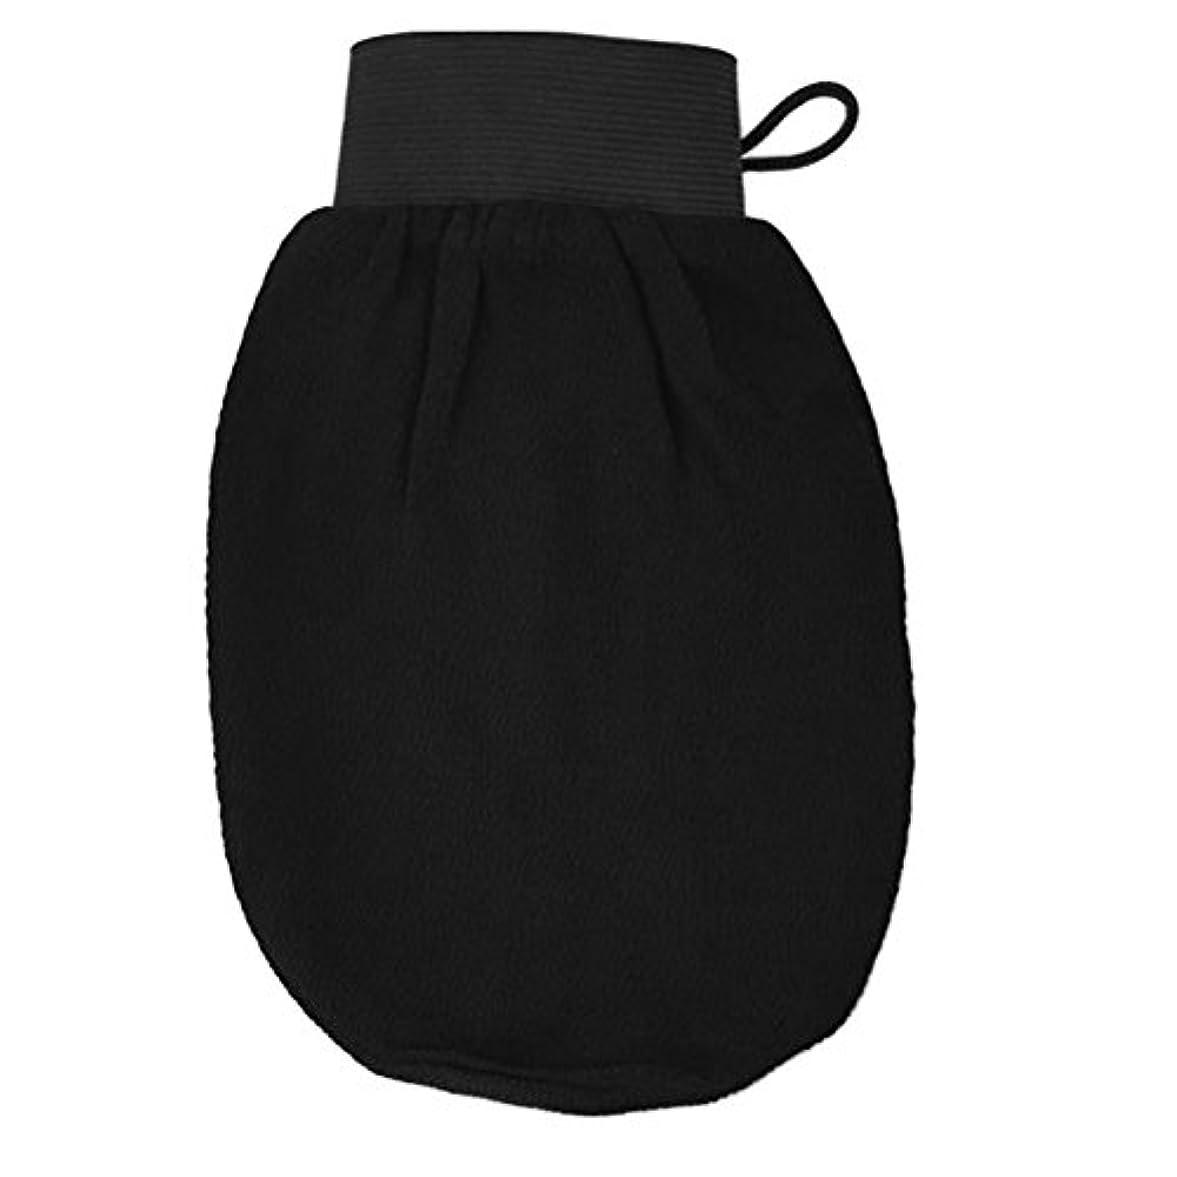 アニメーション精査するフィットネスROSENICE バスグローブ 浴用グローブ 角質取り 泡立ち 垢擦り 手袋 マッサージ ボディウォッシュ シャワー バスルーム 男女兼用 バス用品(ブラック)